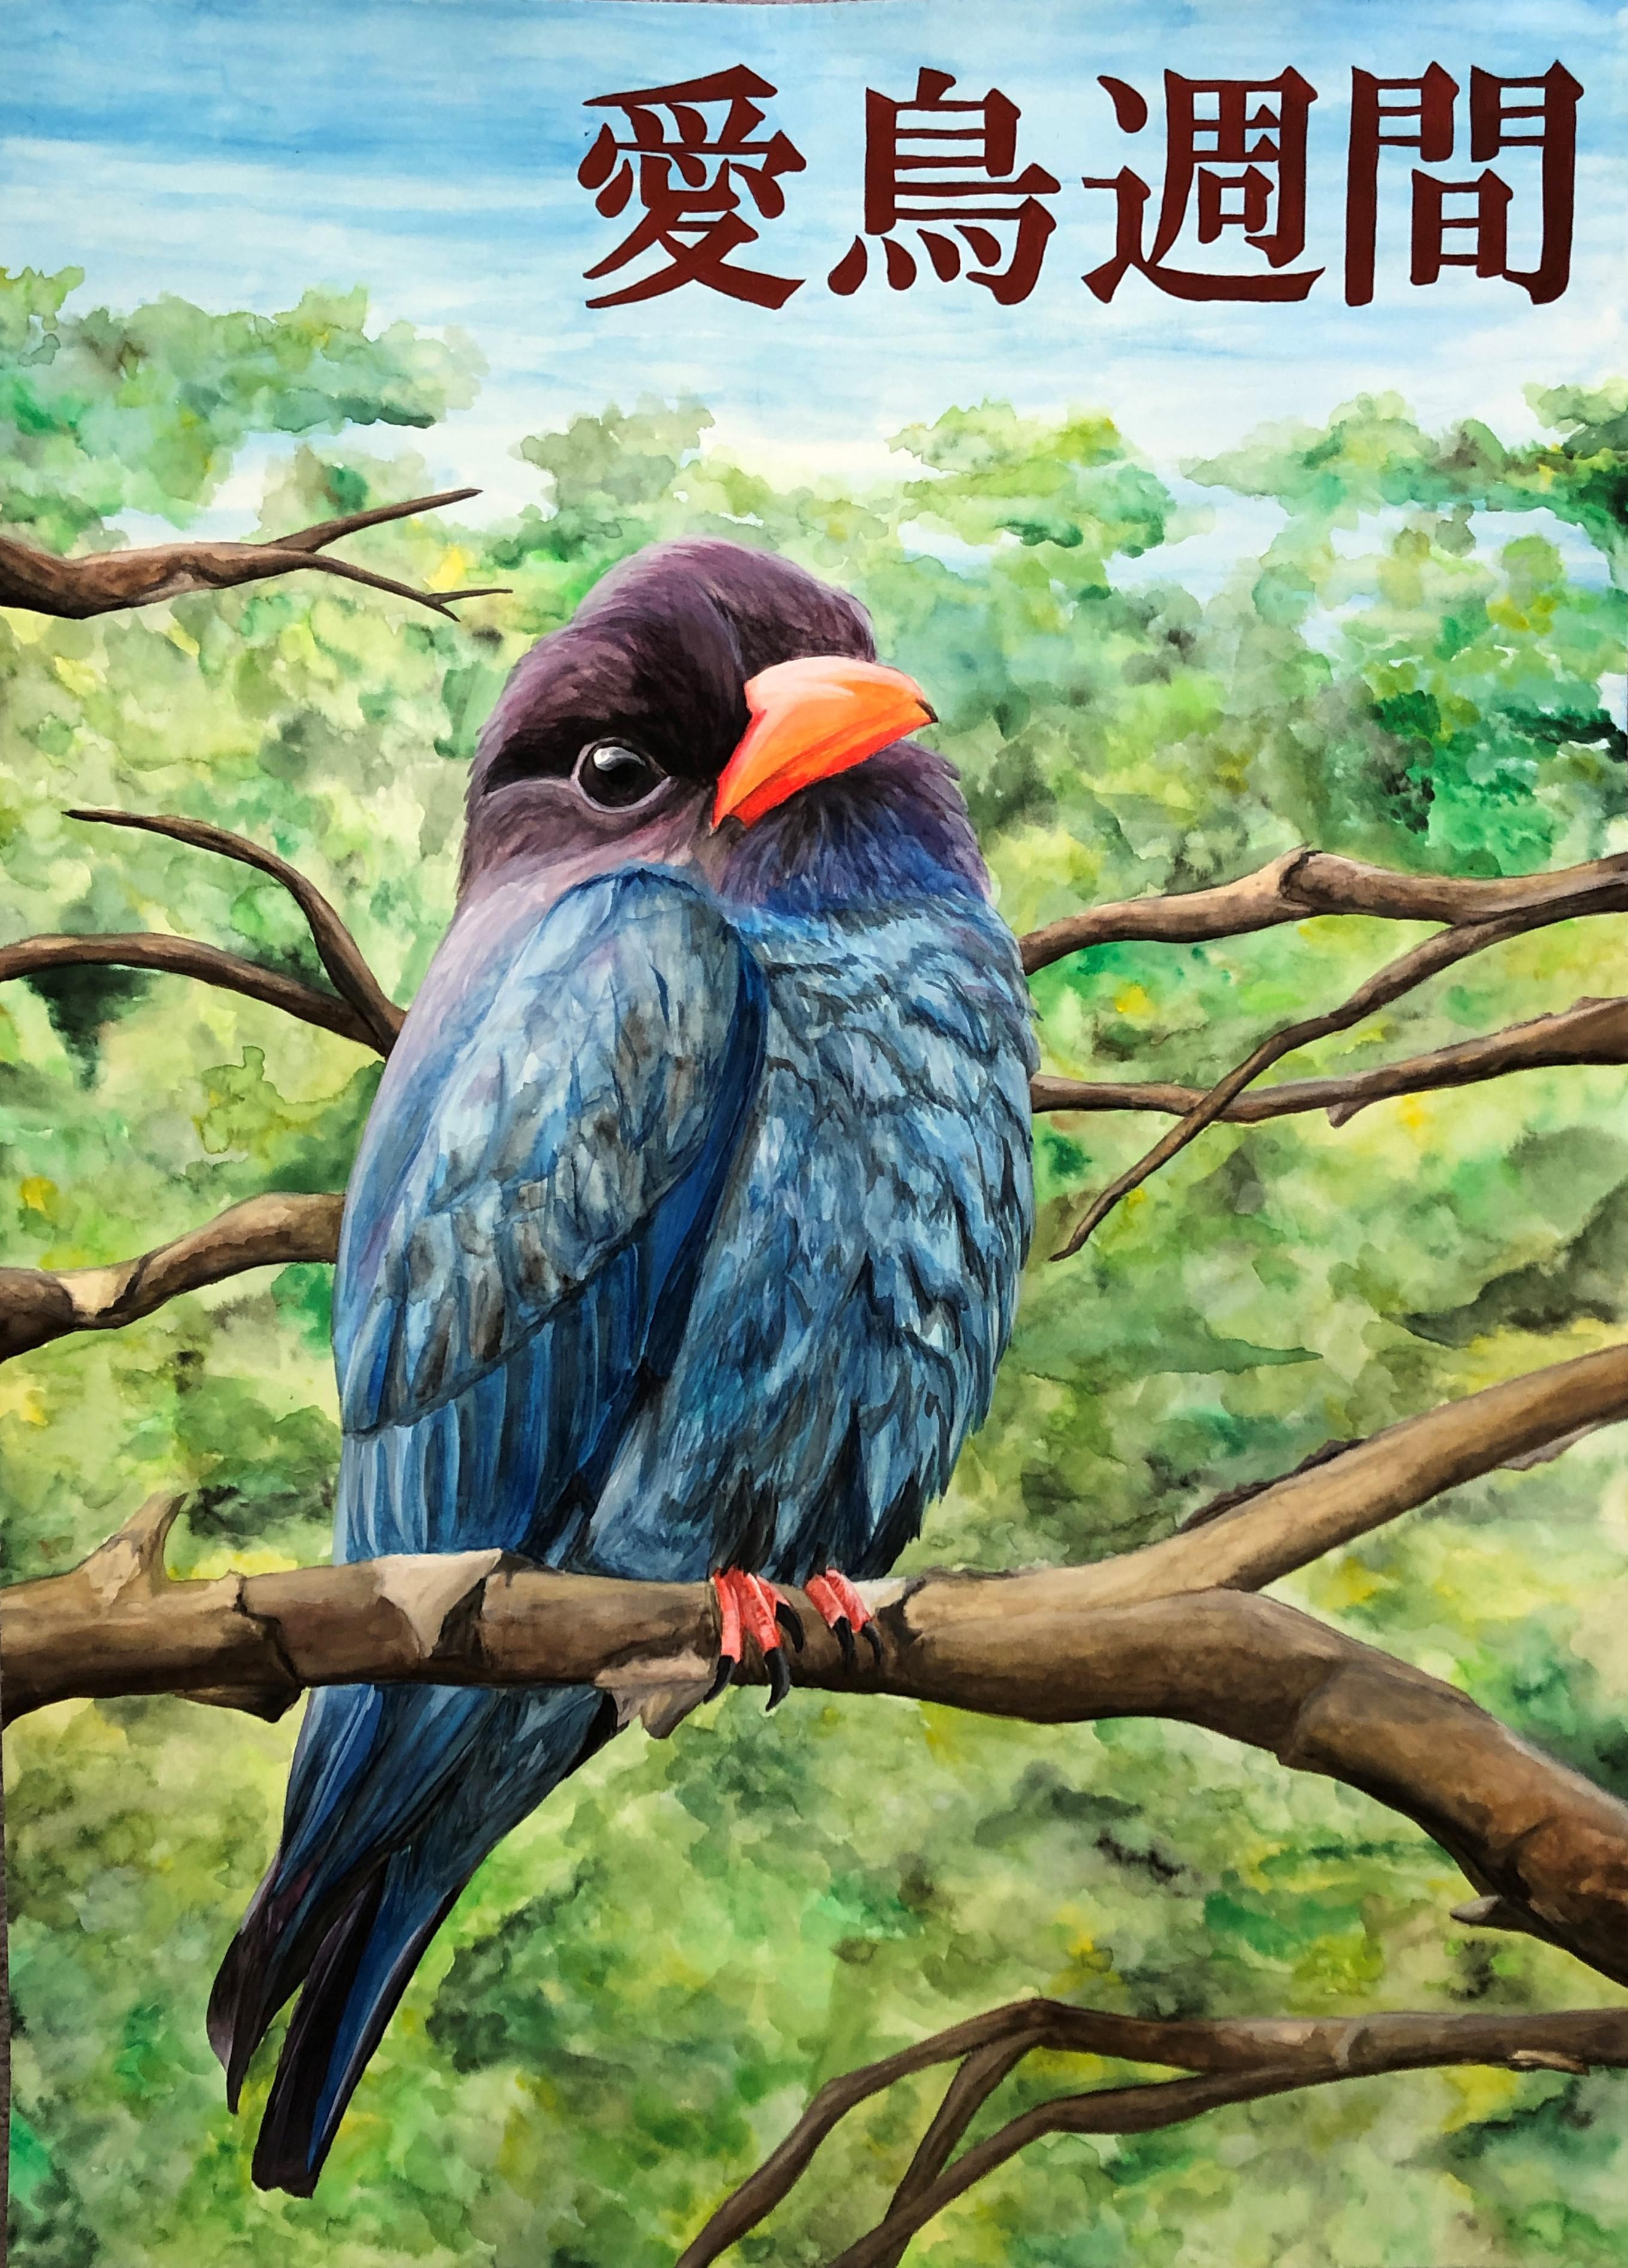 週間 ポスター 愛鳥 令和3年度愛鳥週間用ポスター